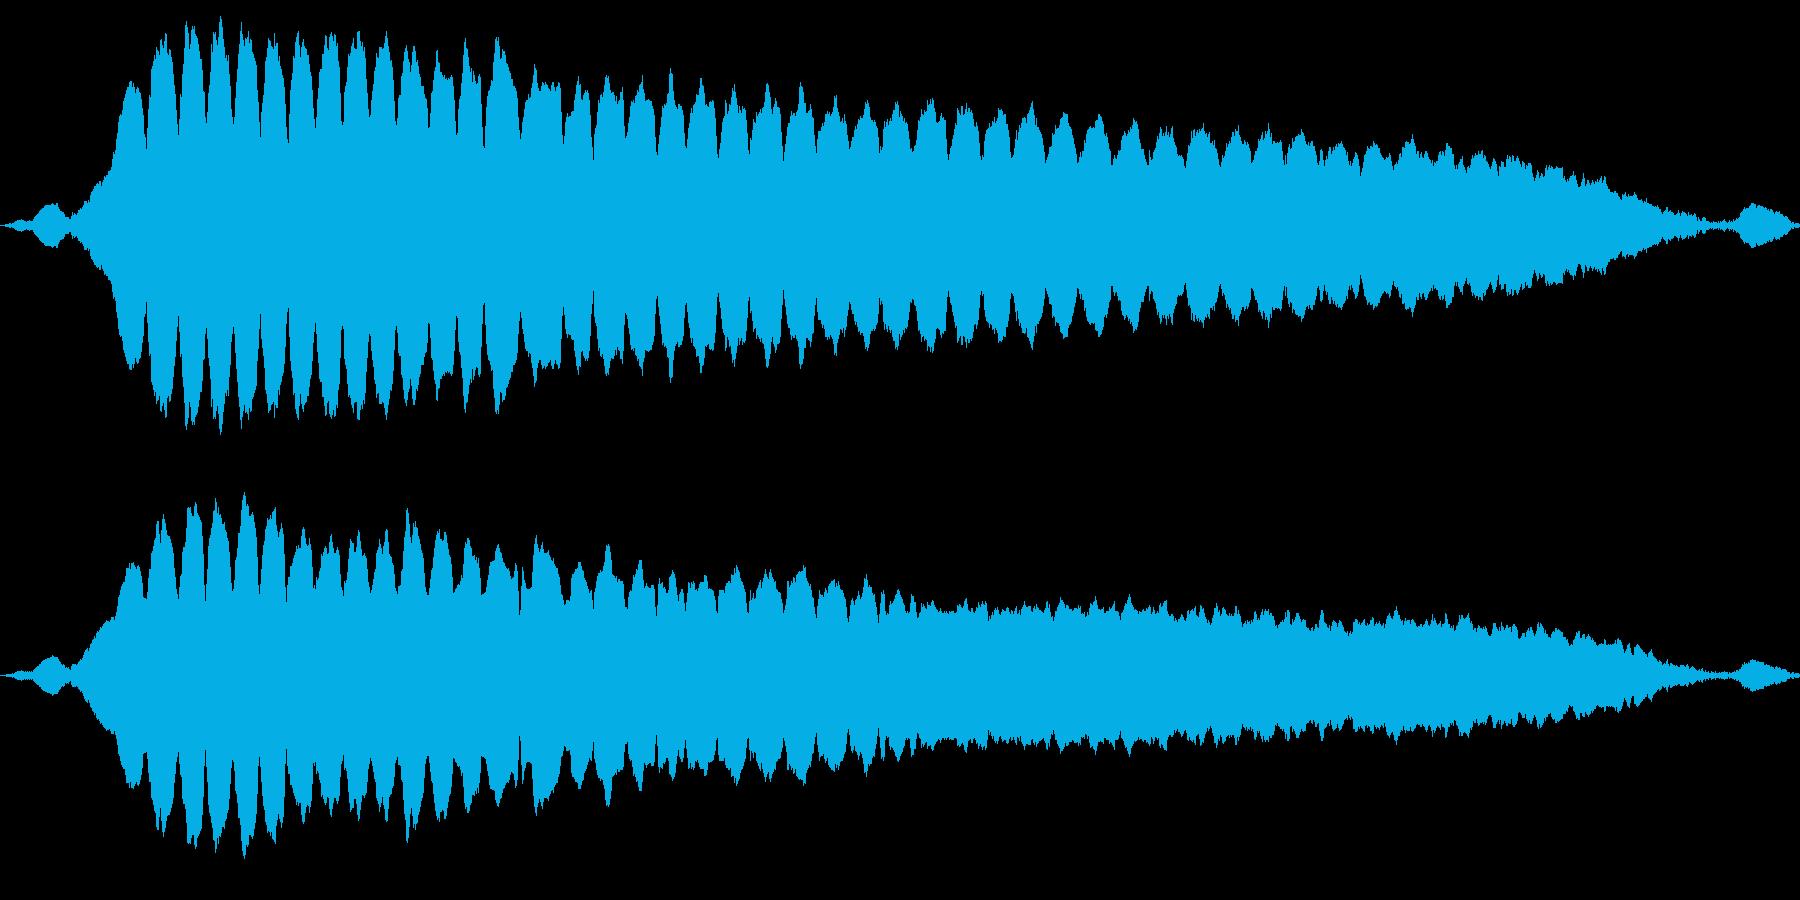 警官のホイッスルを1回吹くの再生済みの波形